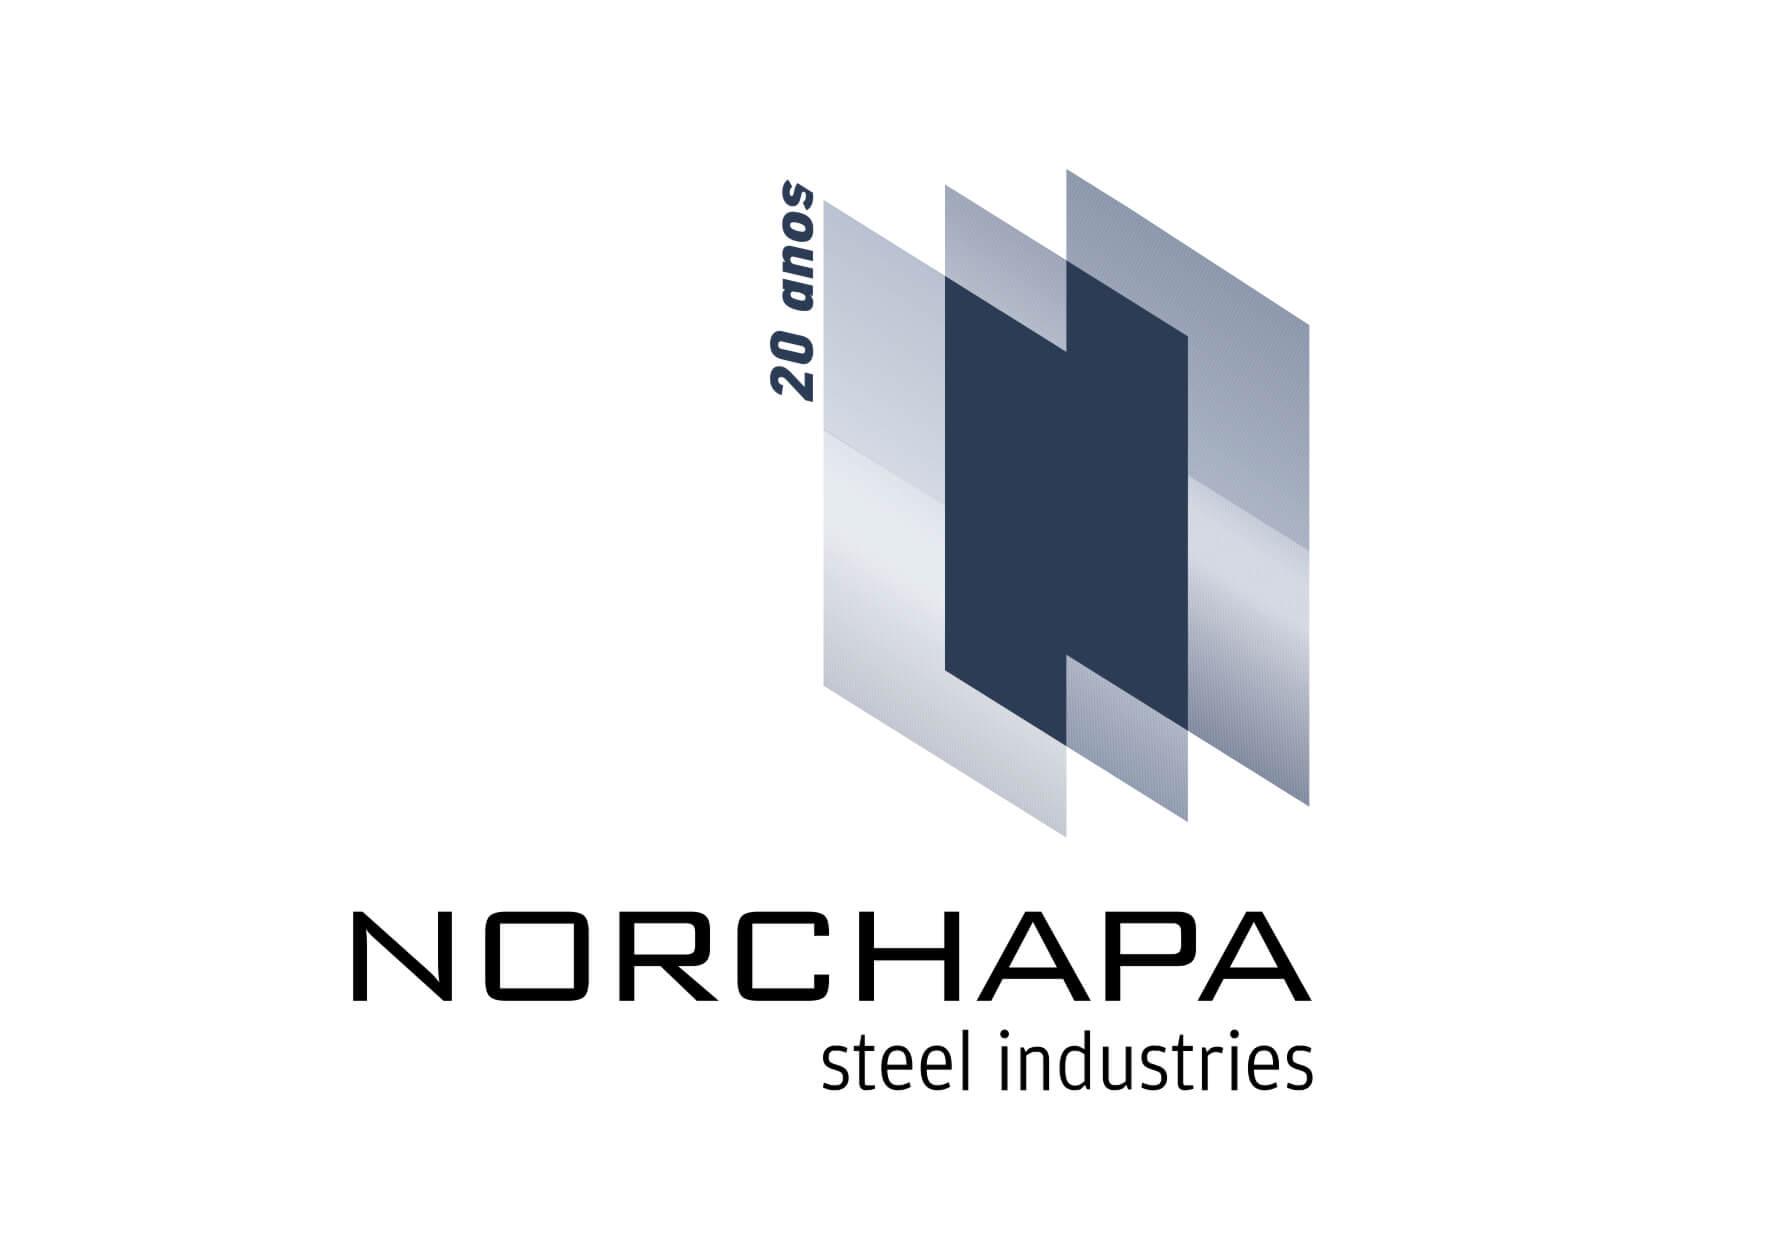 NORCHAPA steel industries